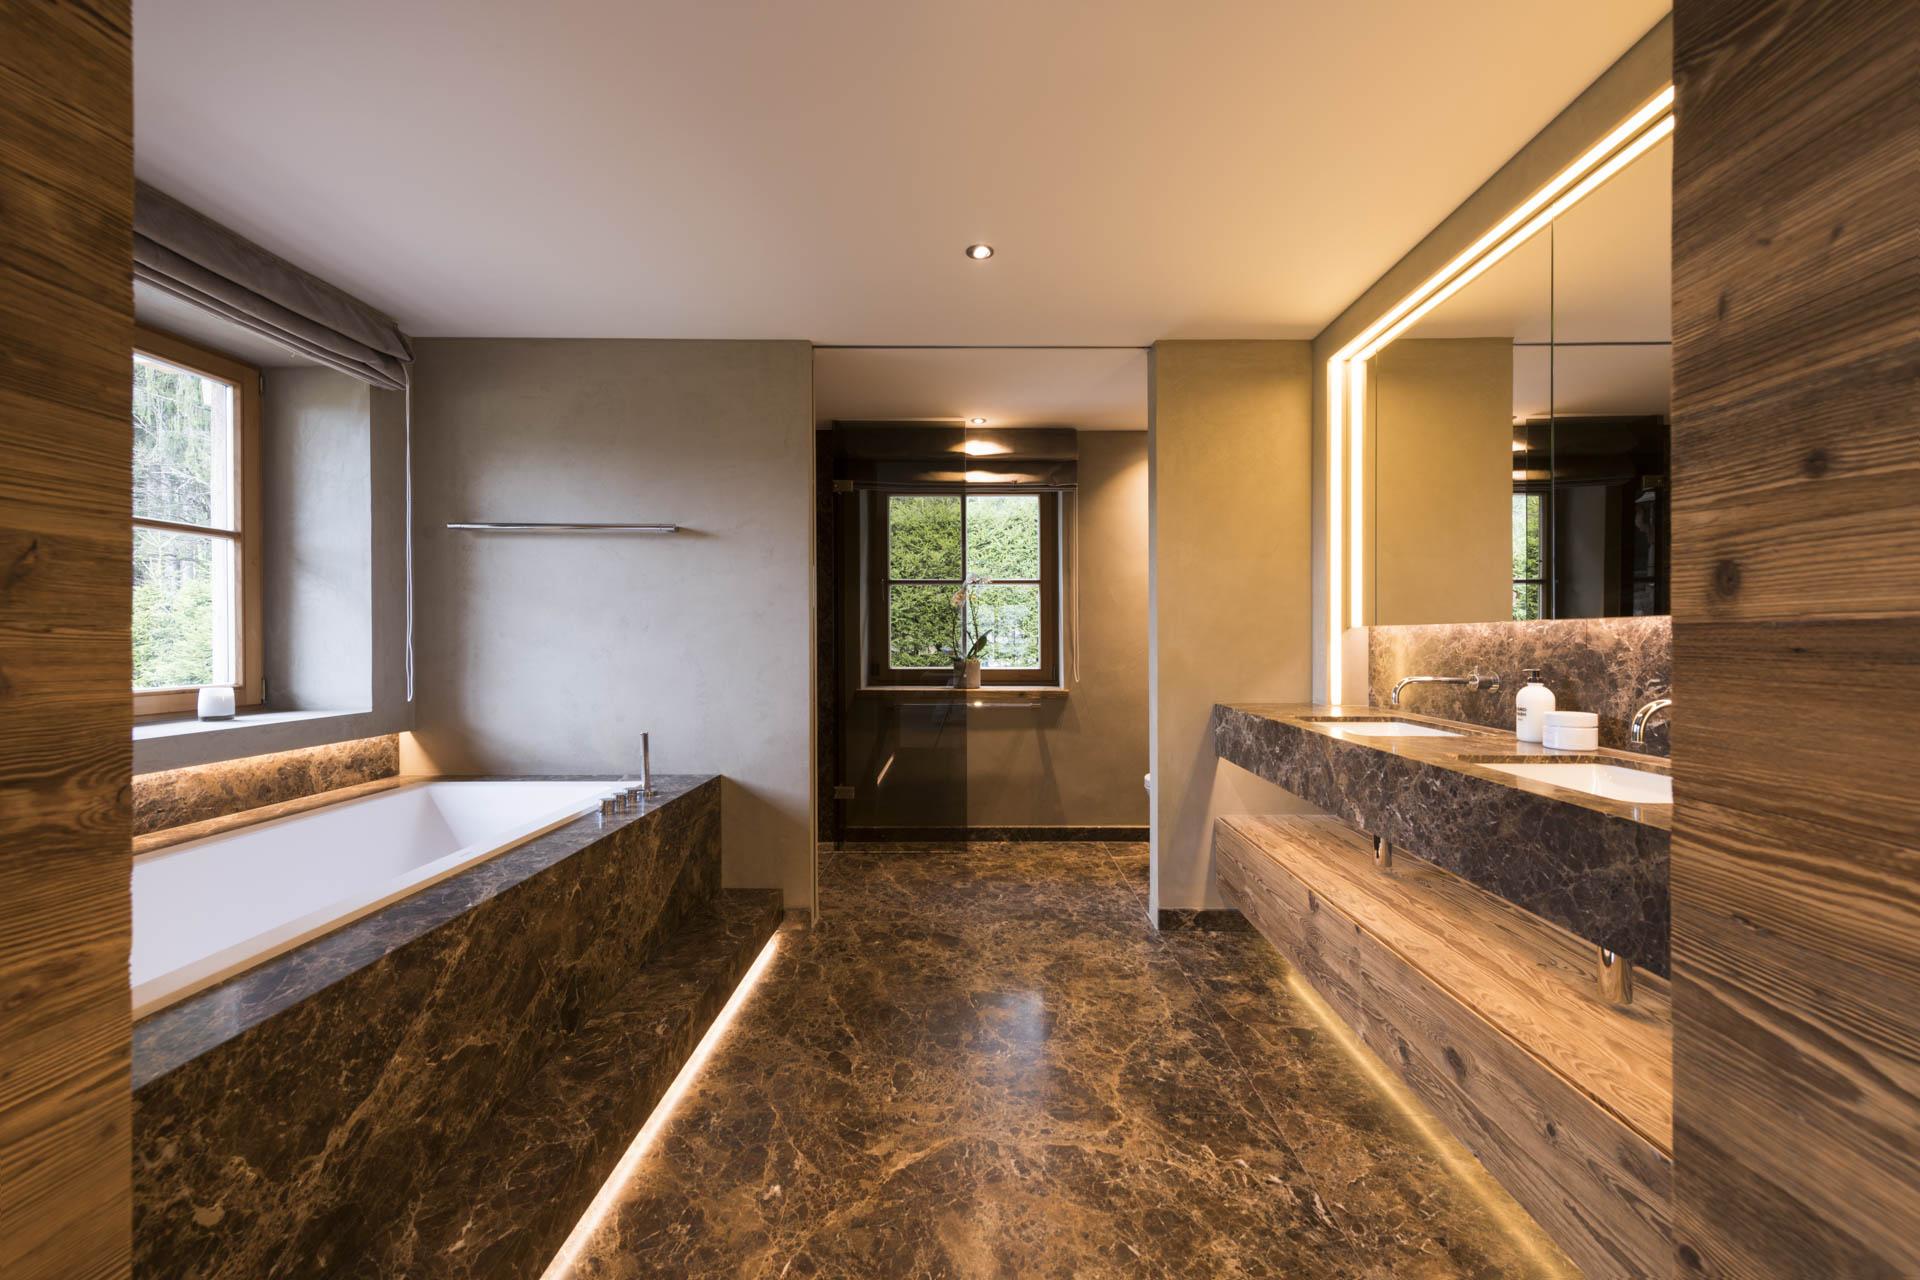 Tischlerei-Decker-Projekte-Wohnung-F-Marmorbadezimmer